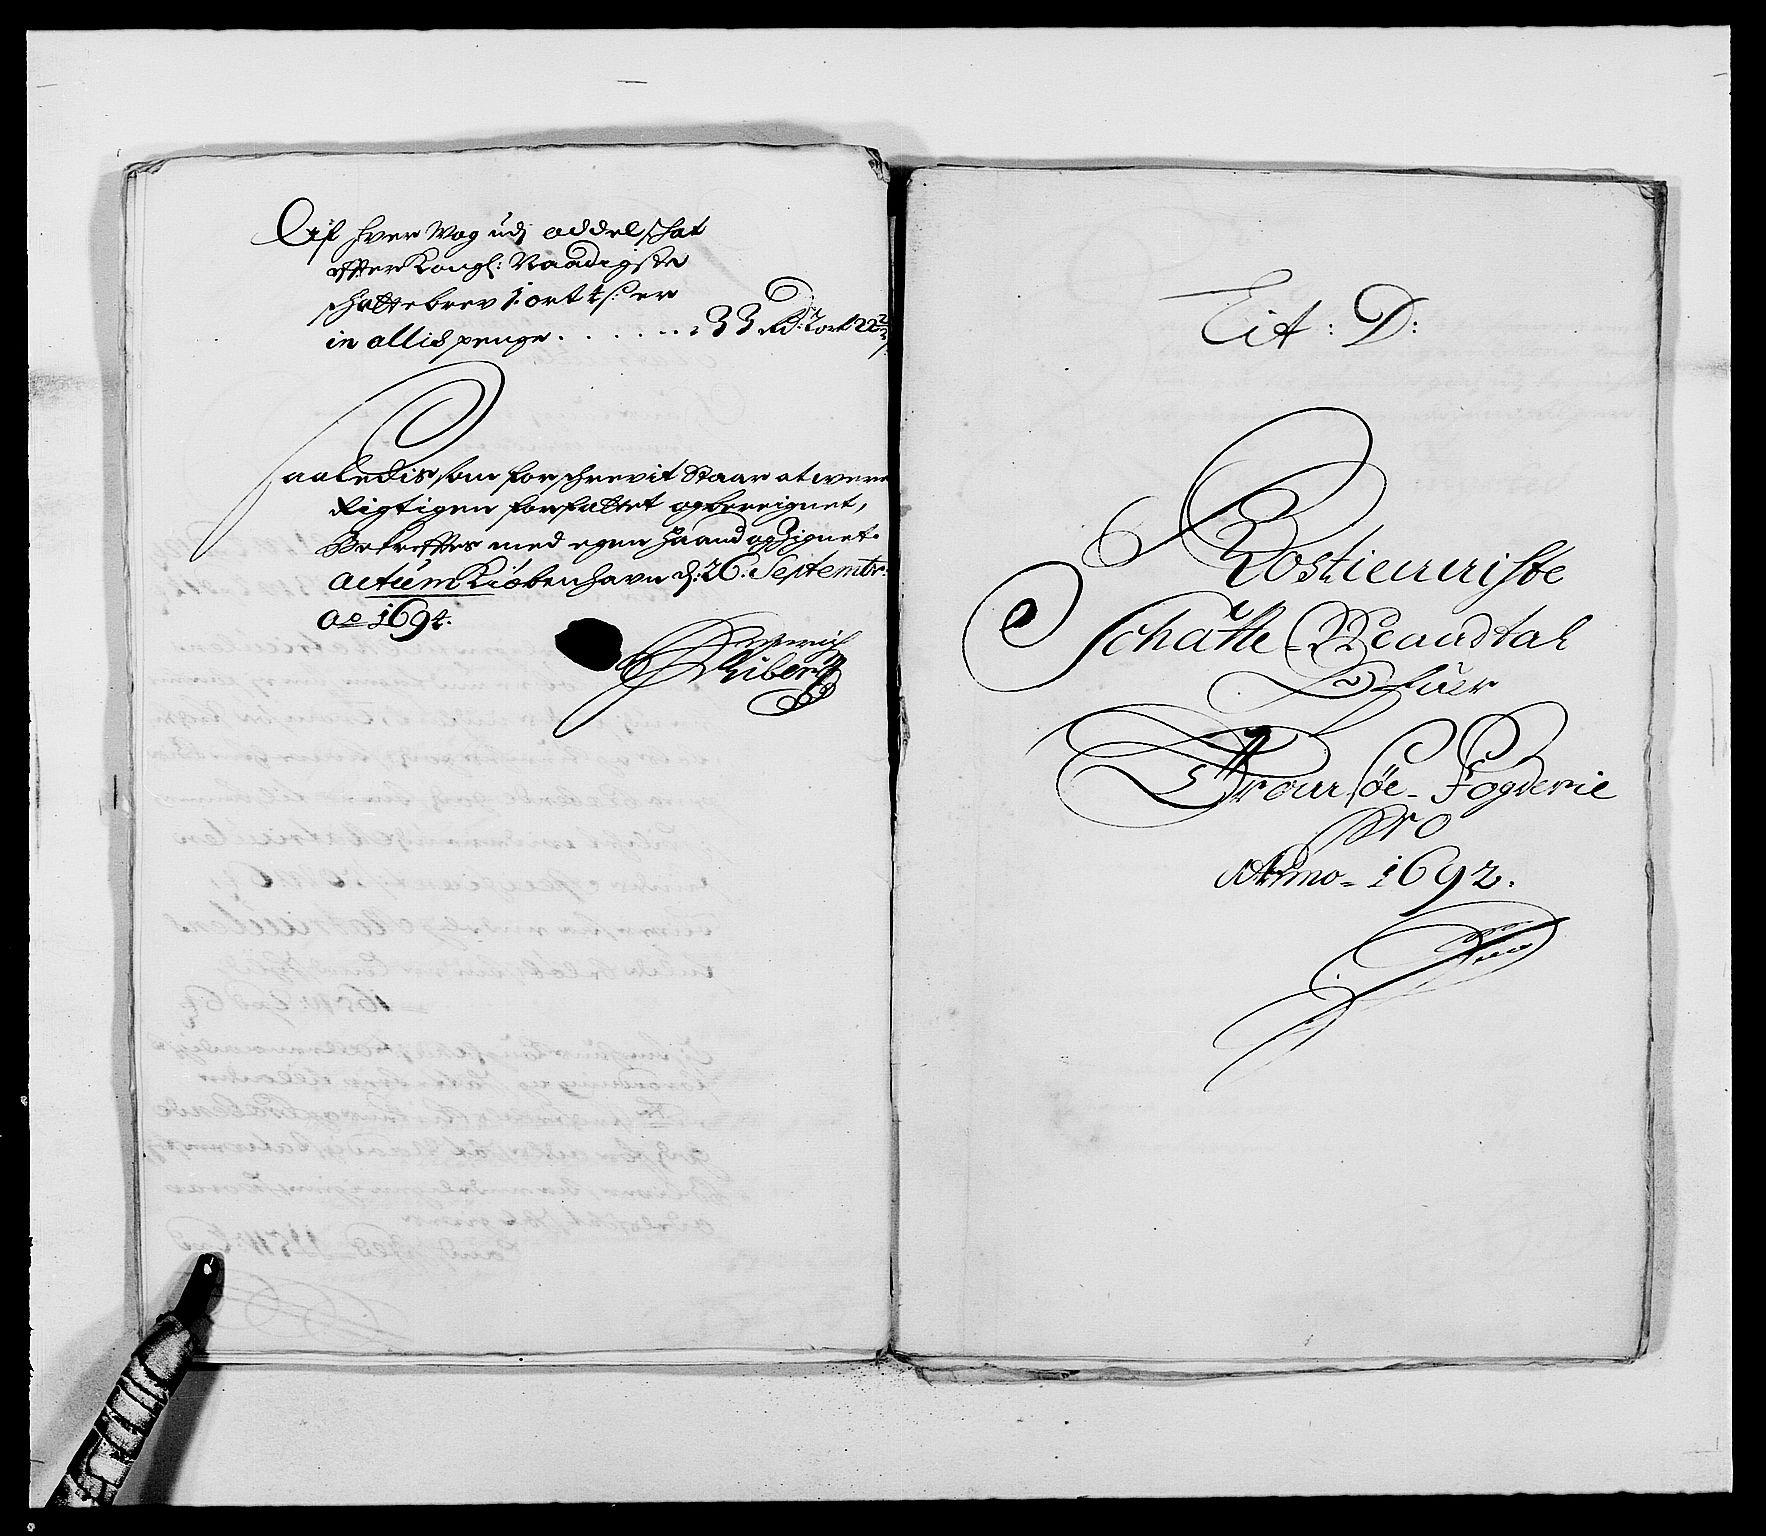 RA, Rentekammeret inntil 1814, Reviderte regnskaper, Fogderegnskap, R68/L4751: Fogderegnskap Senja og Troms, 1690-1693, s. 175